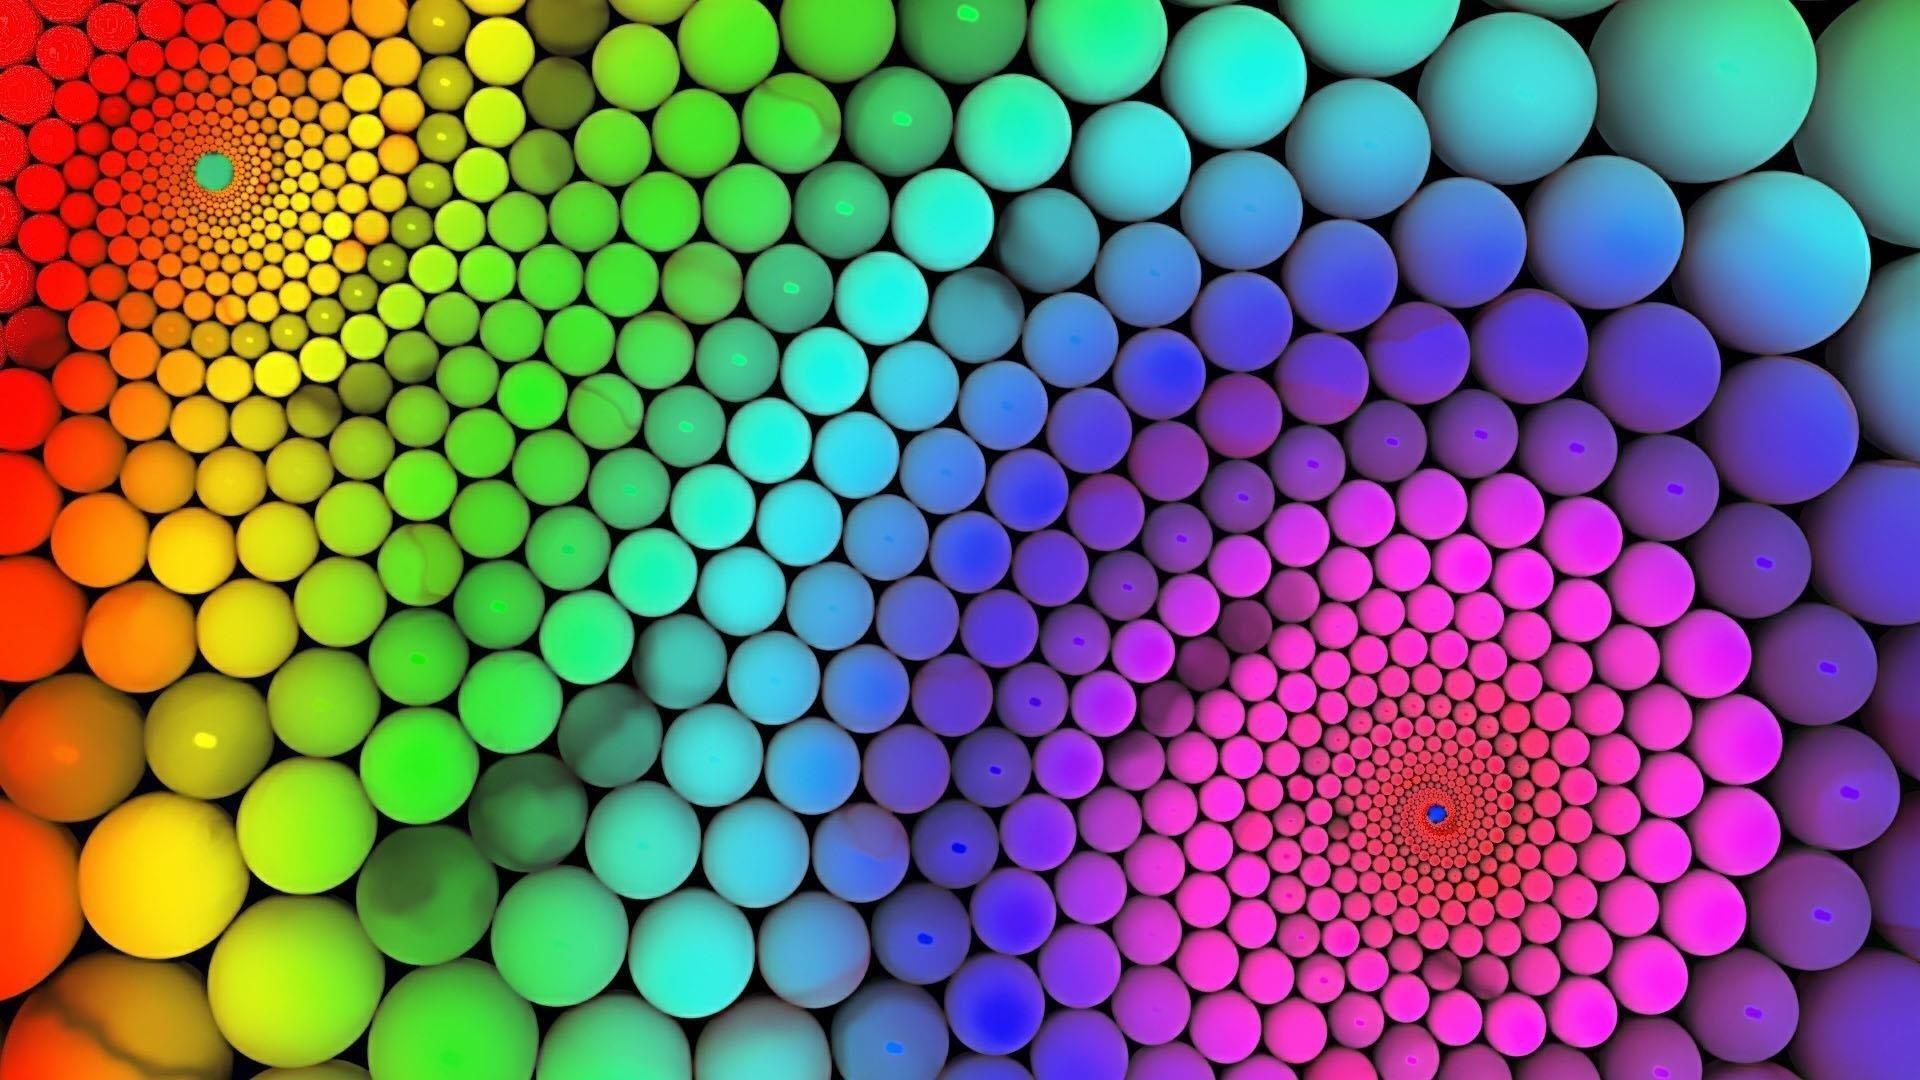 Красочные круглые шары абстрактные обои скачать